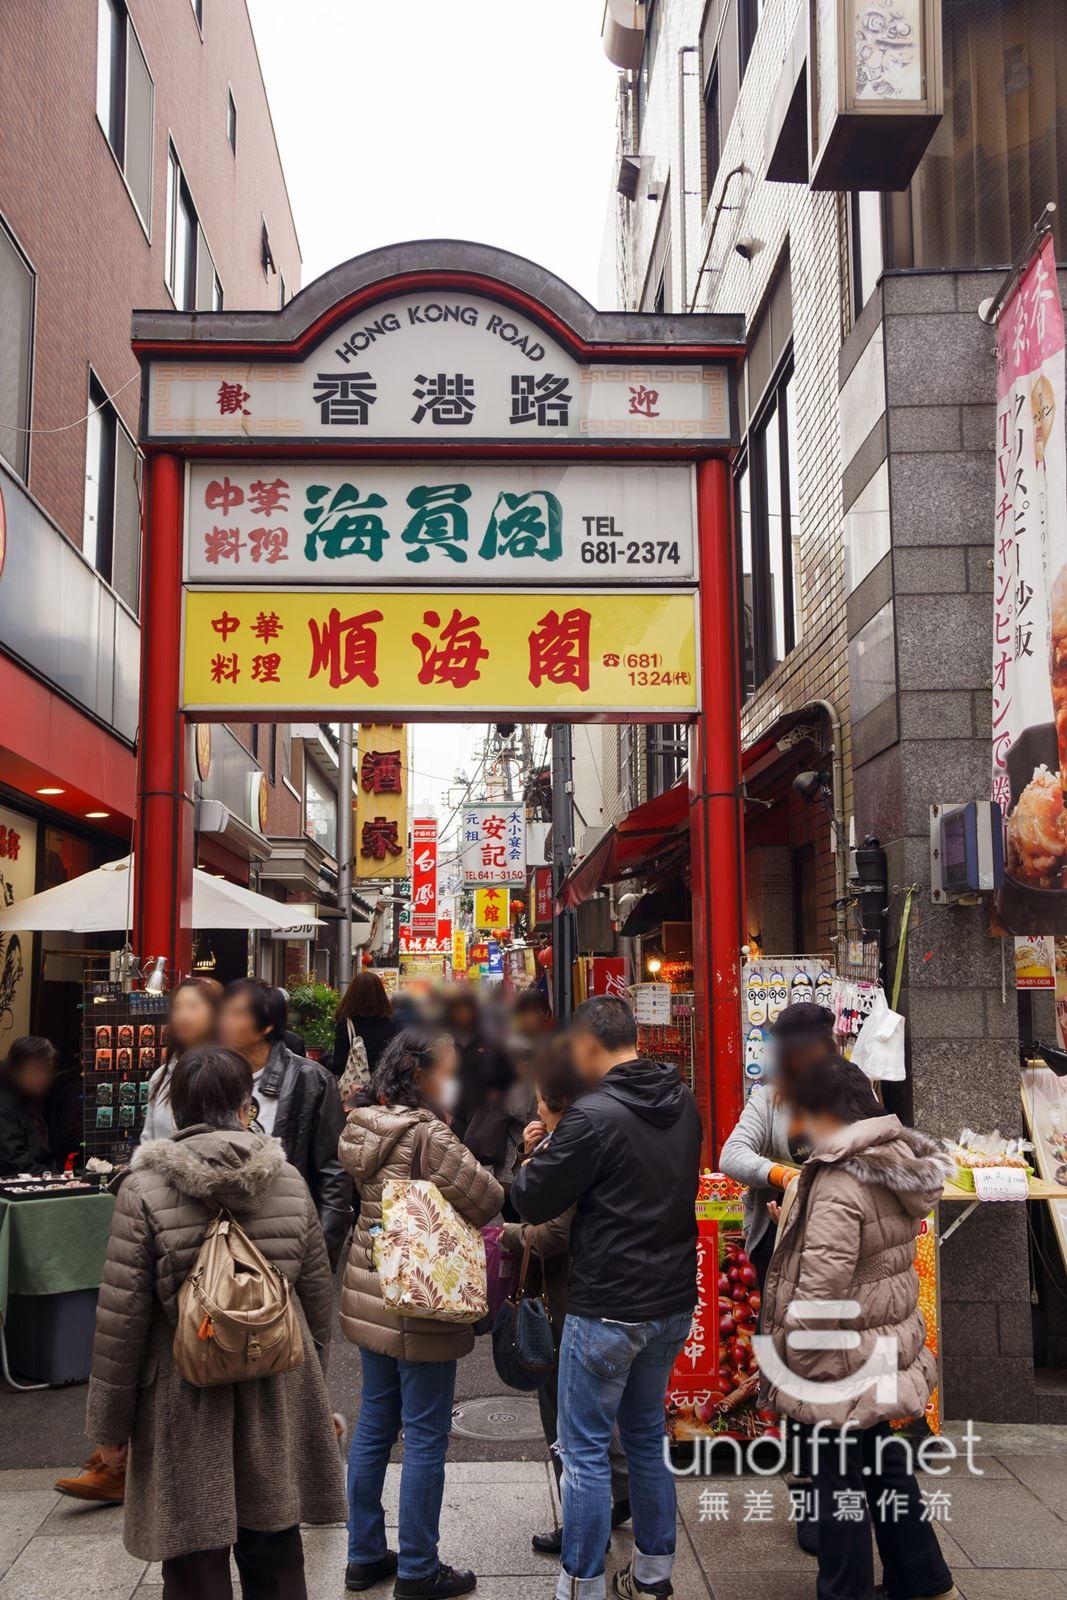 【橫濱美食】中華街 保昌 中國料理 》日本藝人、大胃女王推薦名店 2